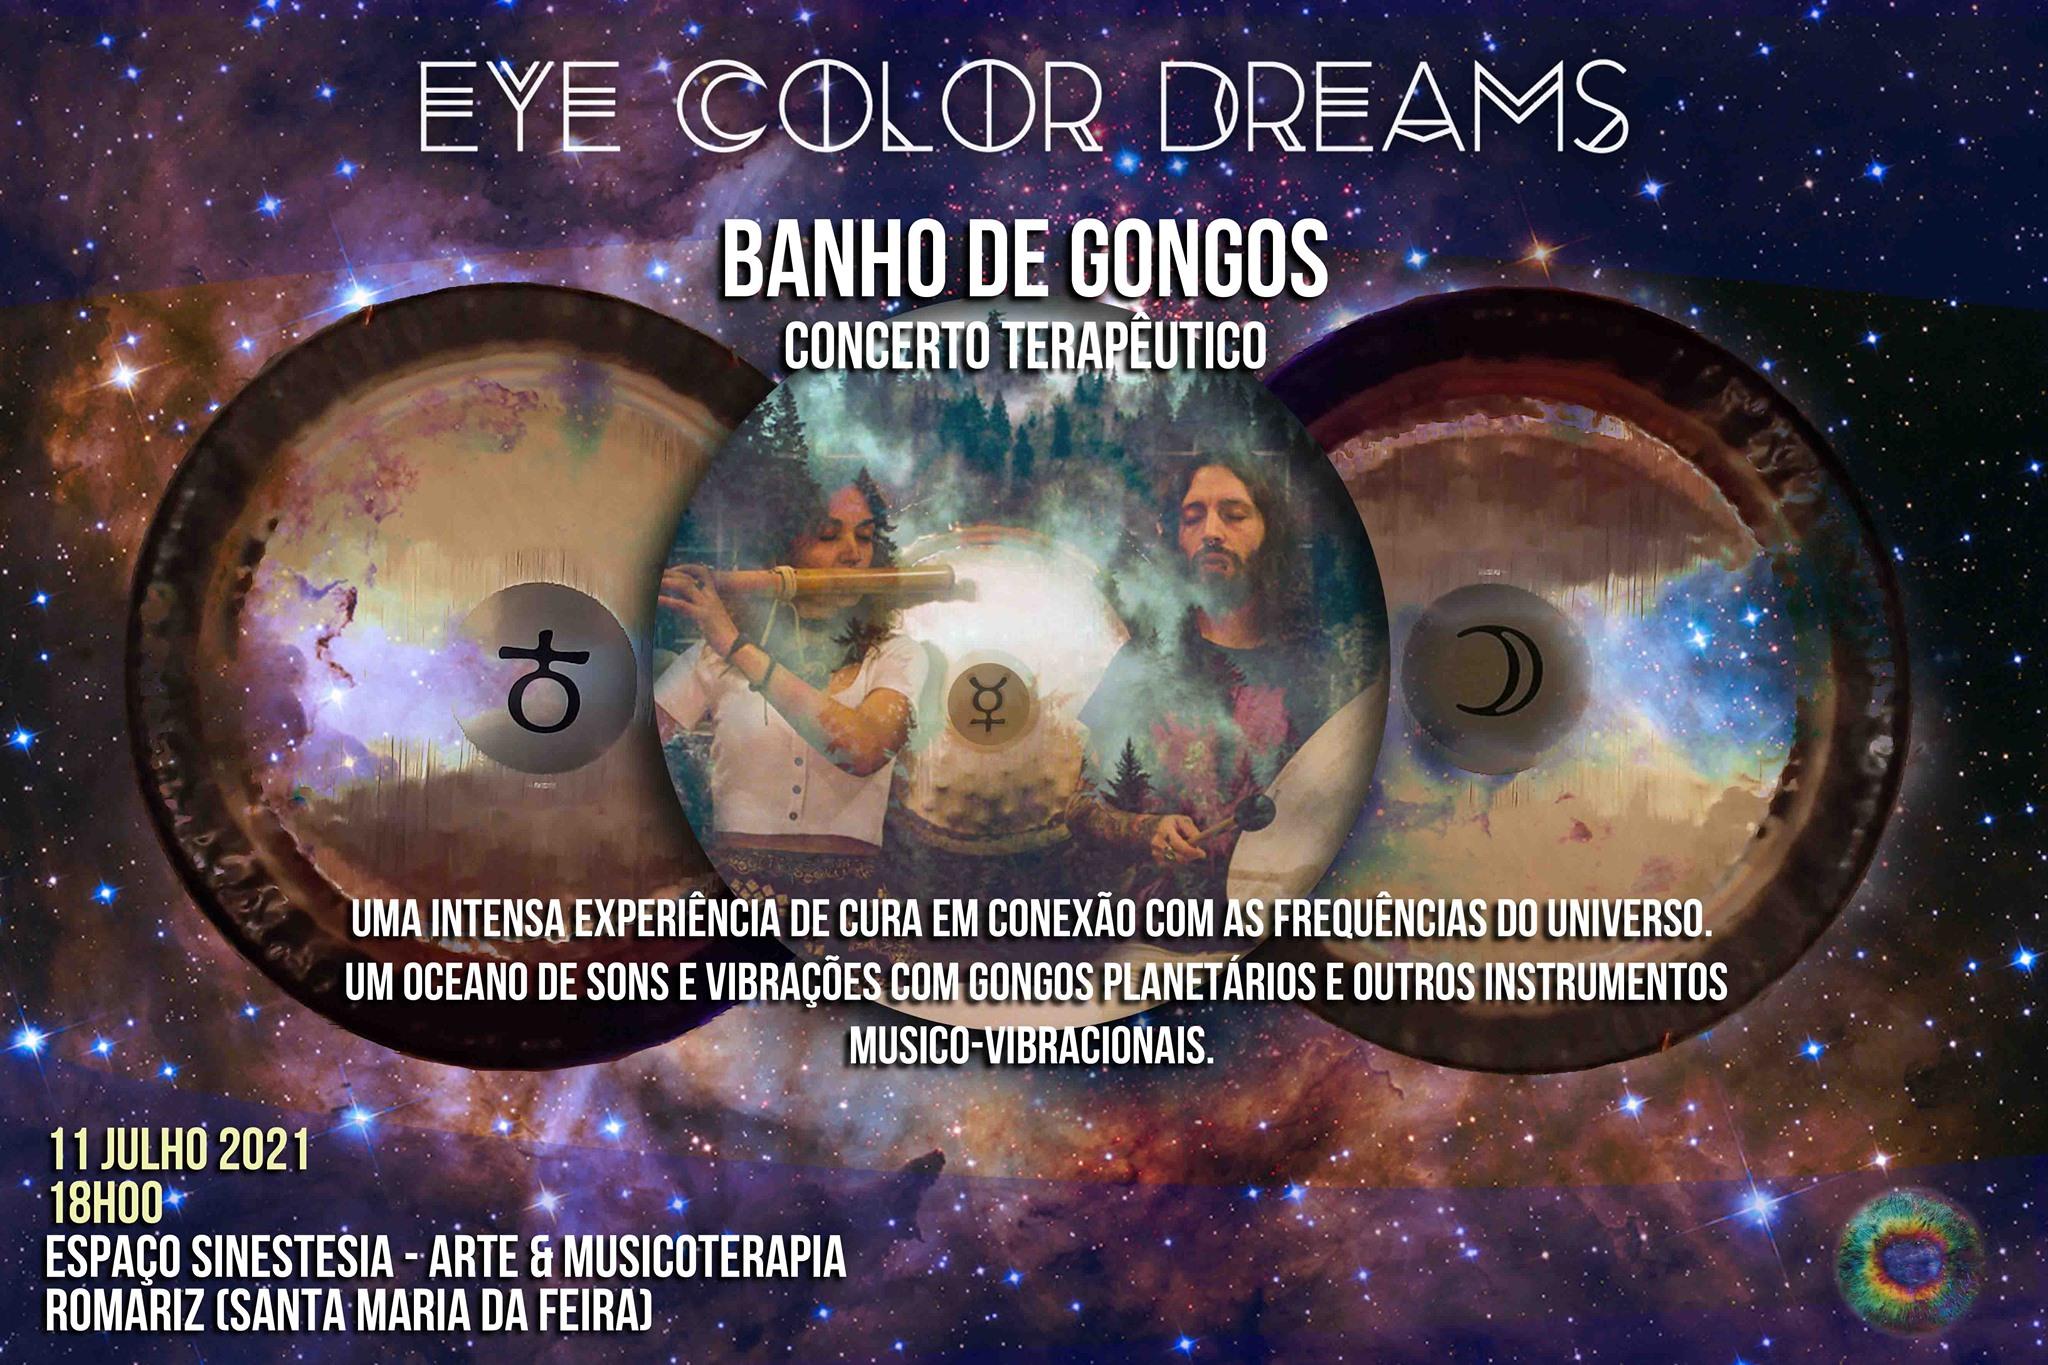 Banho de Gongos (Concerto Meditativo) Presencial - Eye Color Dreams